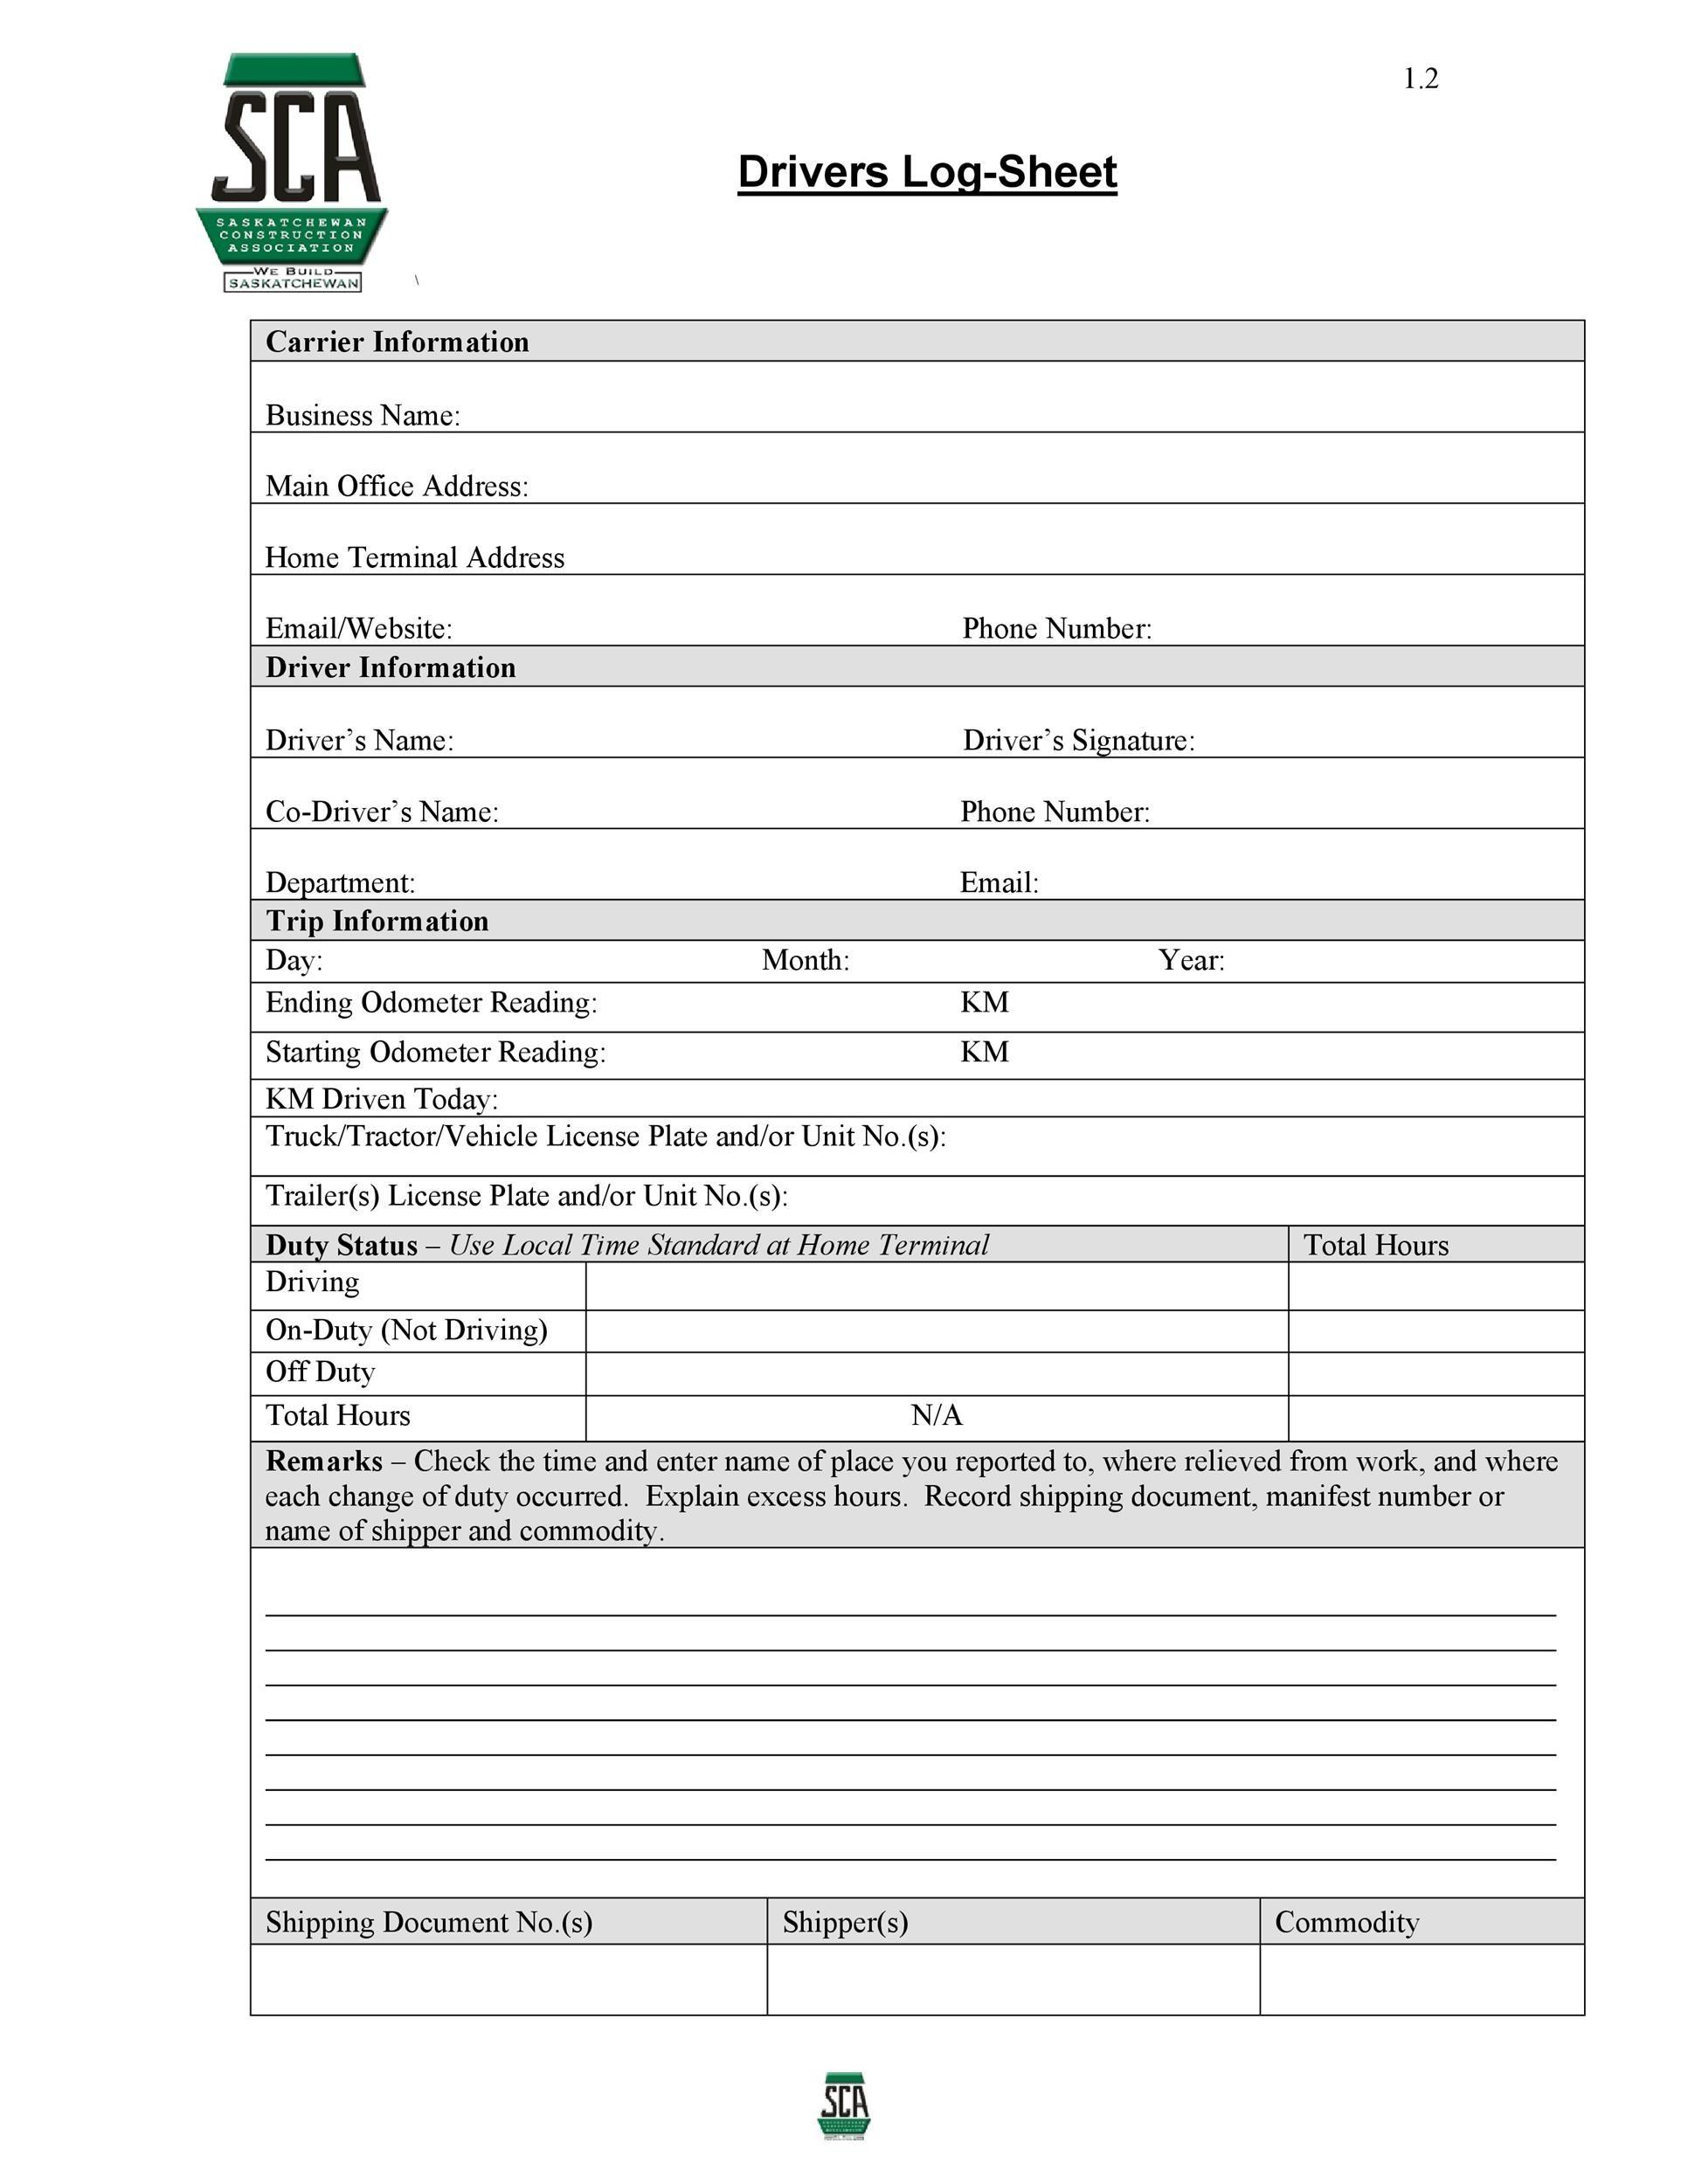 Free log sheet 14